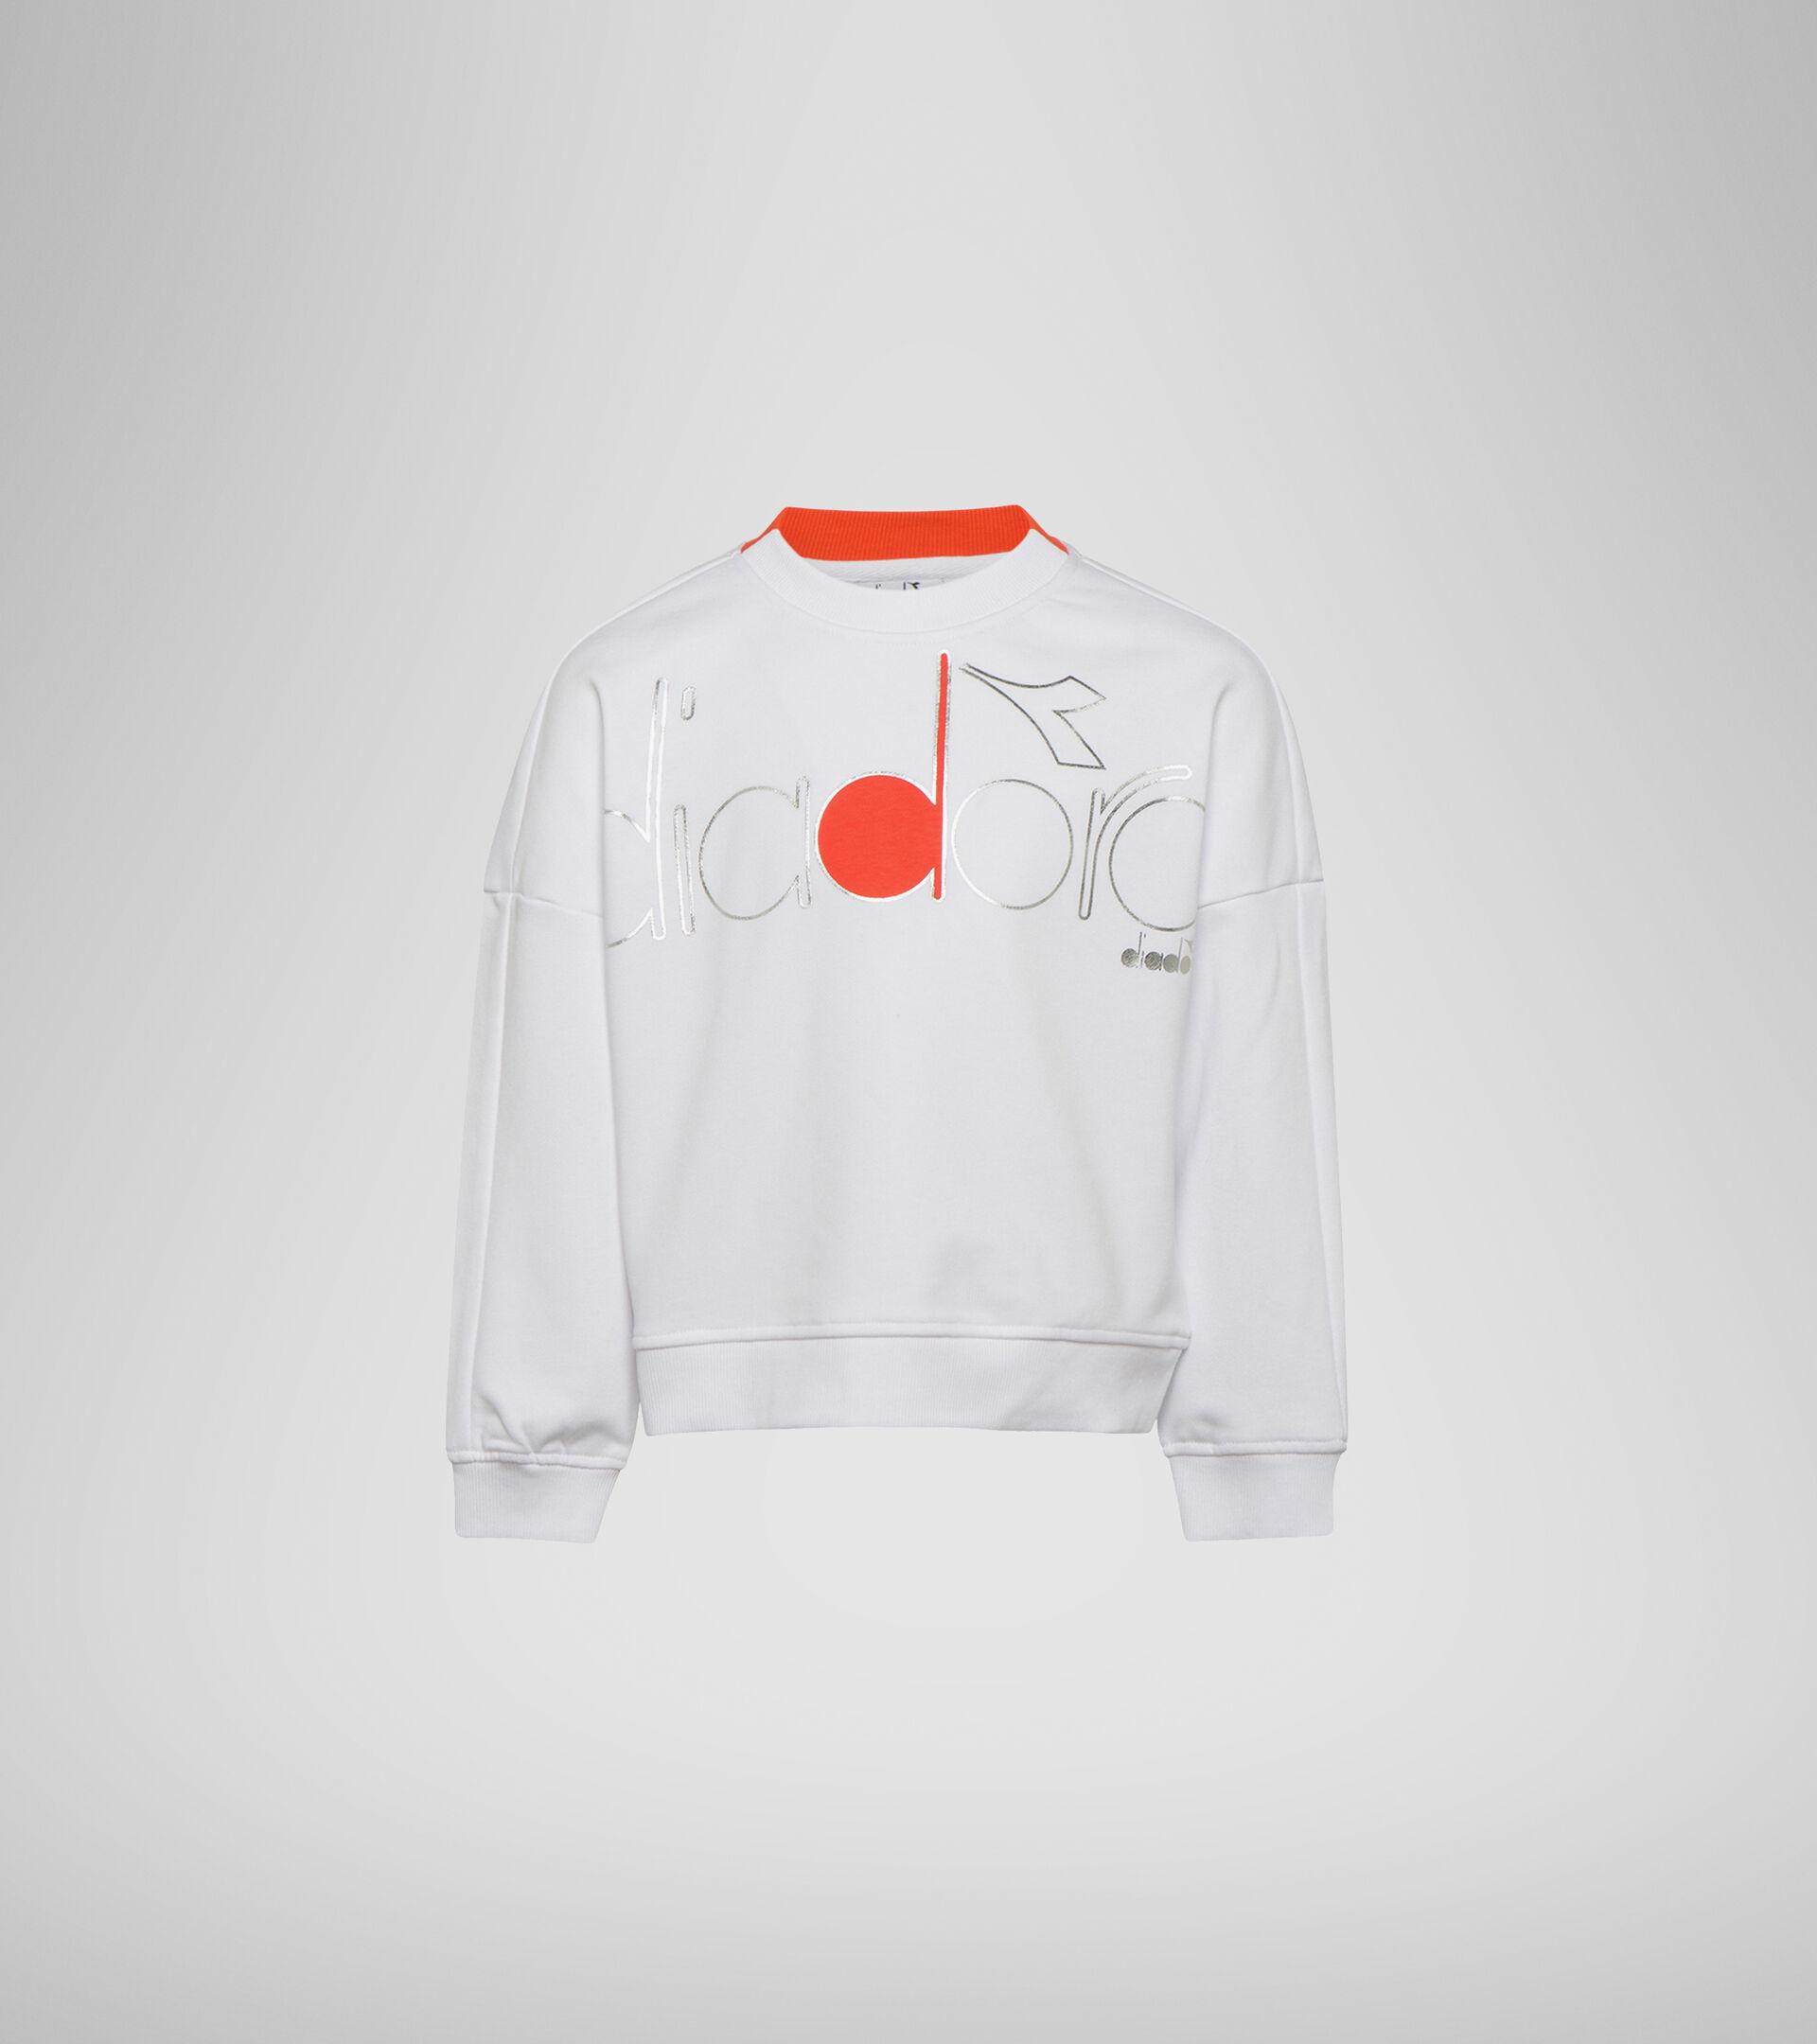 Sweater mit Rundhalsausschnitt - Mädchen JG. SWEATSHIRT CREW LOGO MANIA STRAHLEND WEISSE - Diadora